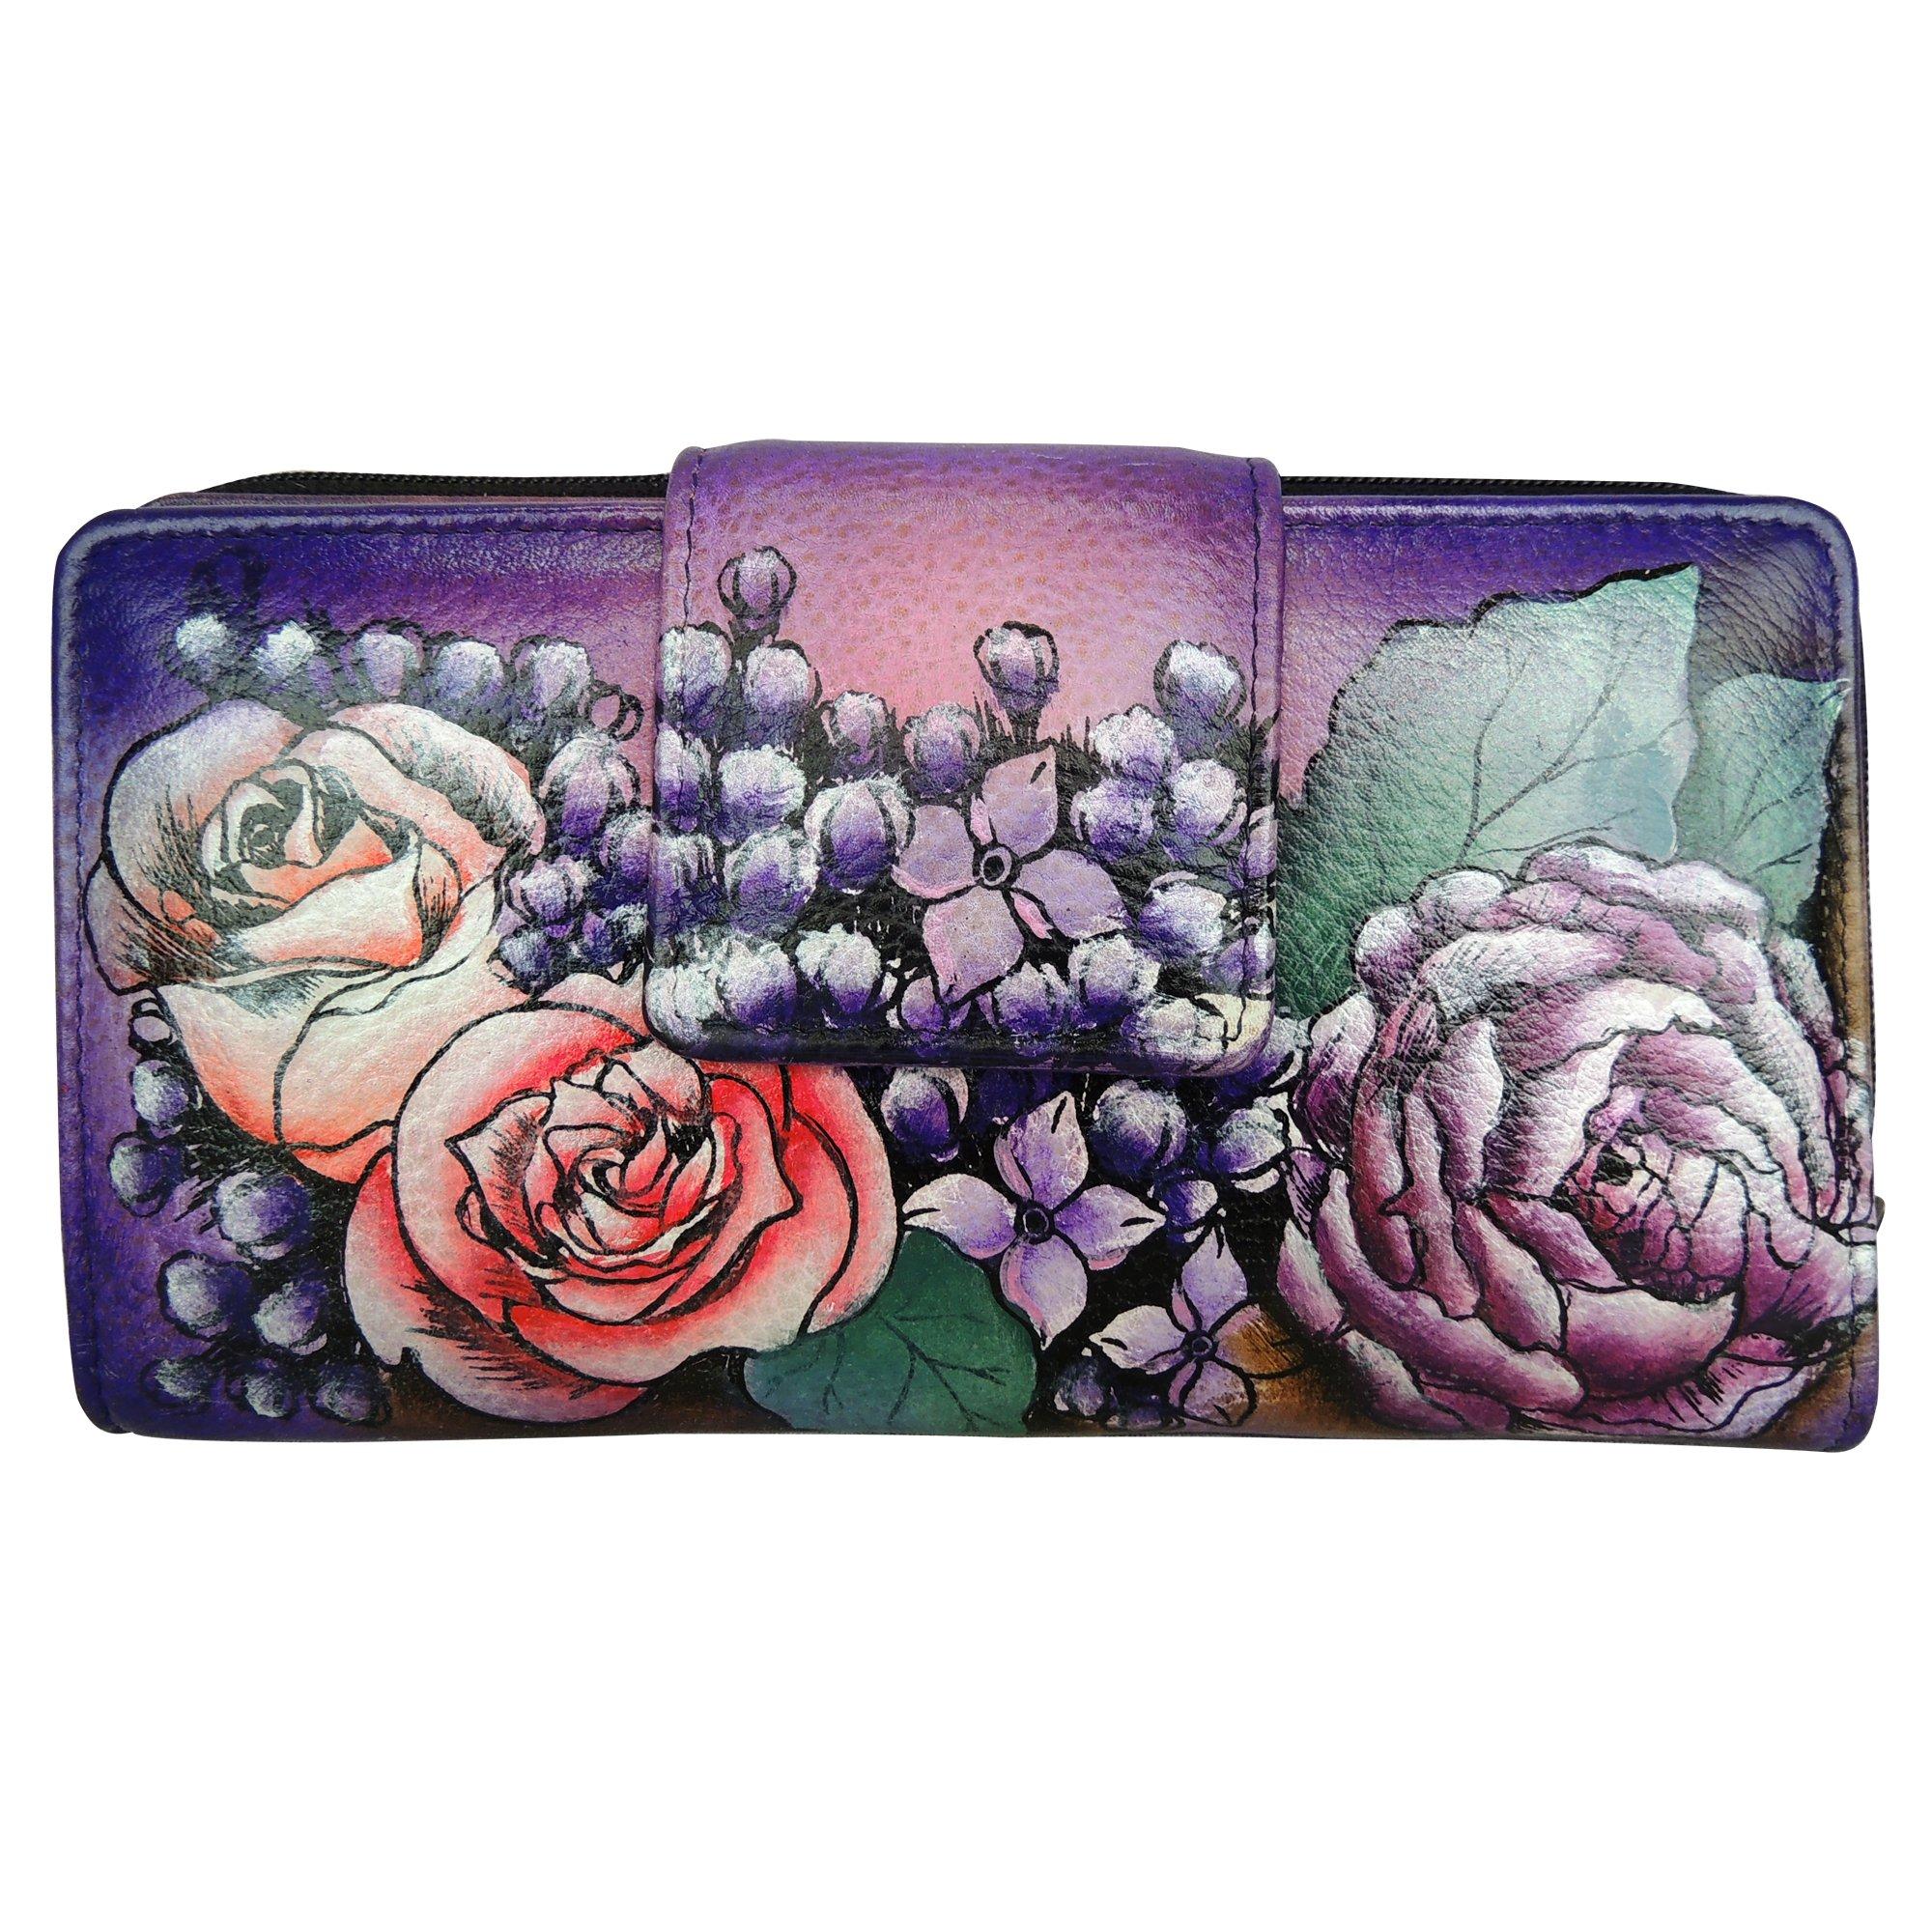 Anuschka Two Fold Organizer Wallet LL, Lush Lilac, One Size